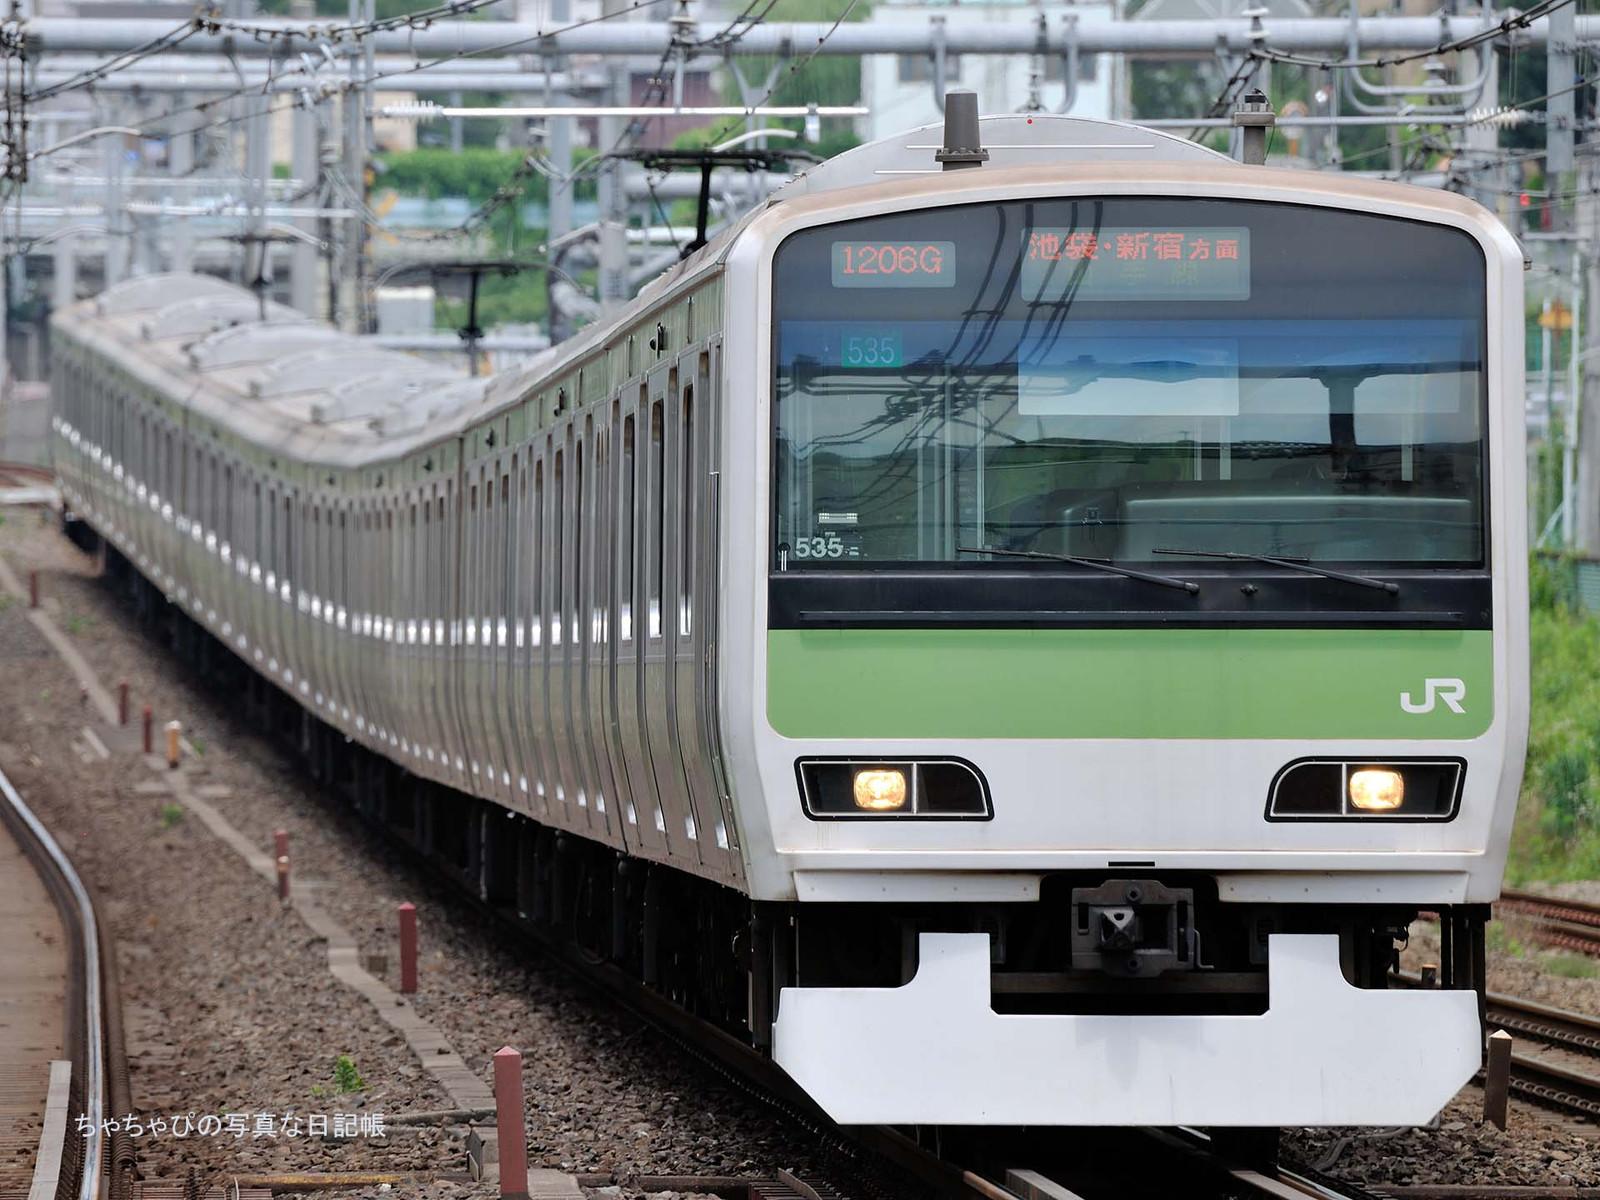 E231系500番台 -1206ゥ 535編成-